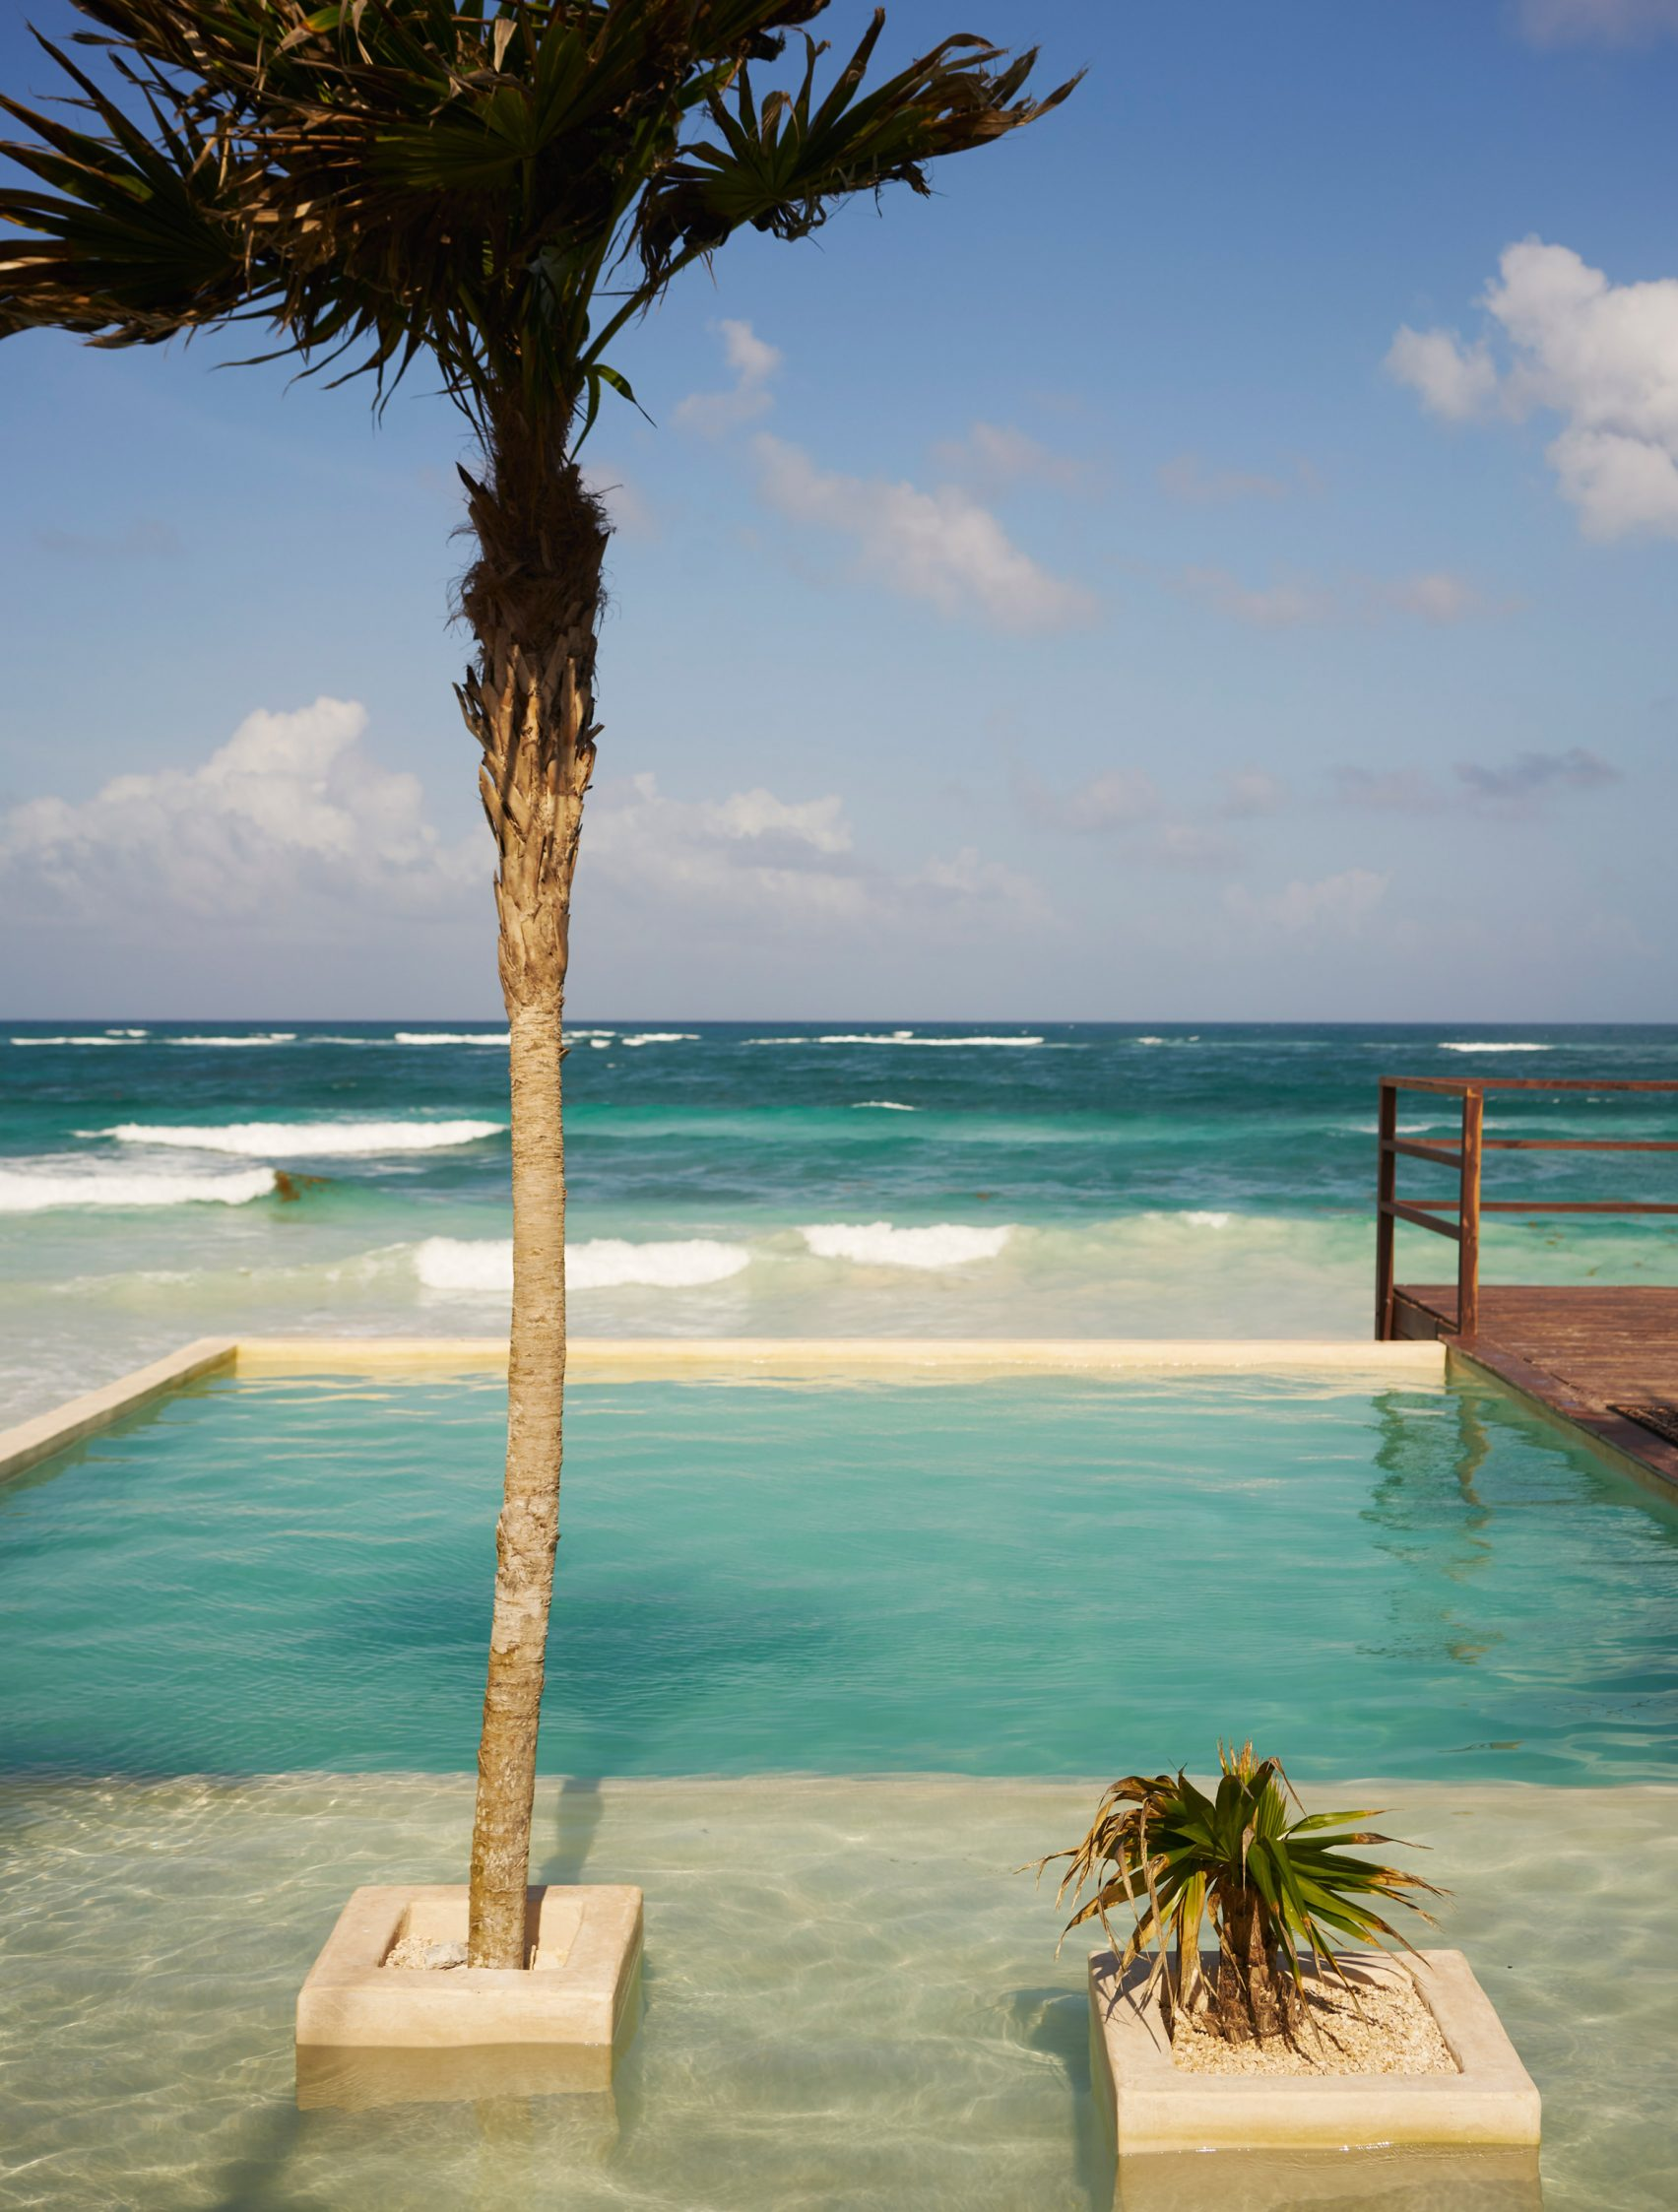 ... Ou piscina com mar